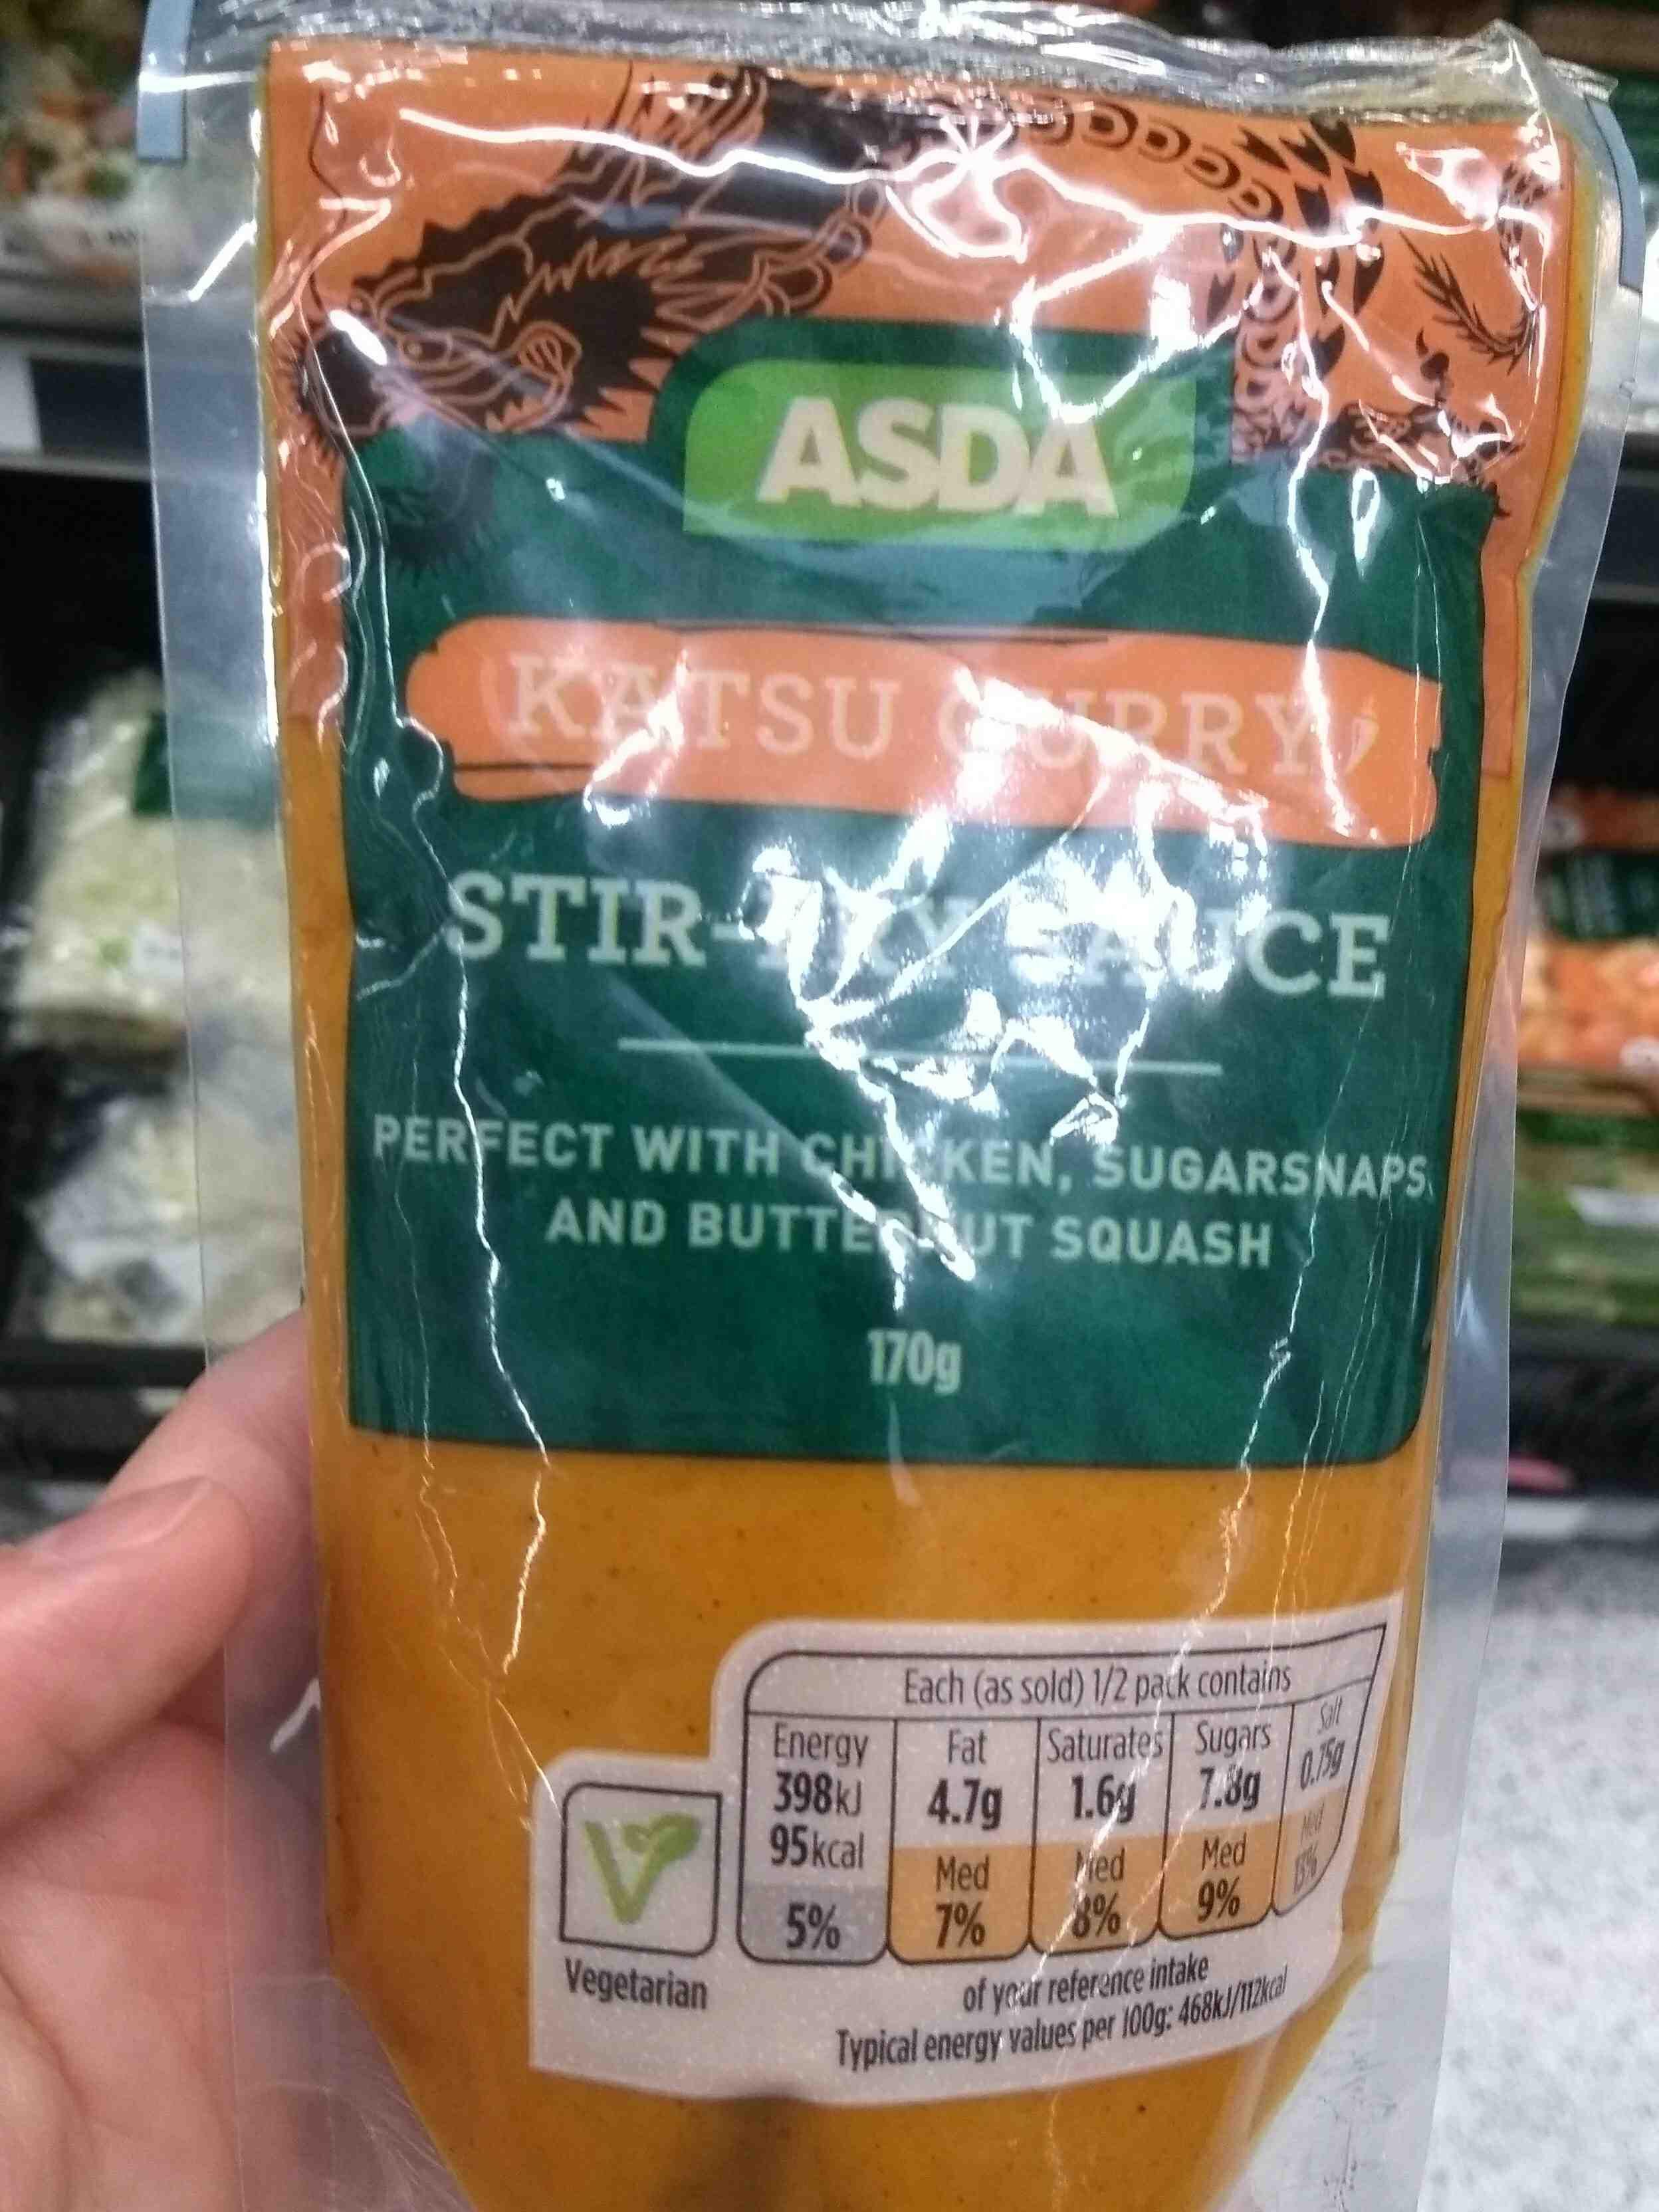 Katsu Curry Stir Fry Sauce Asda